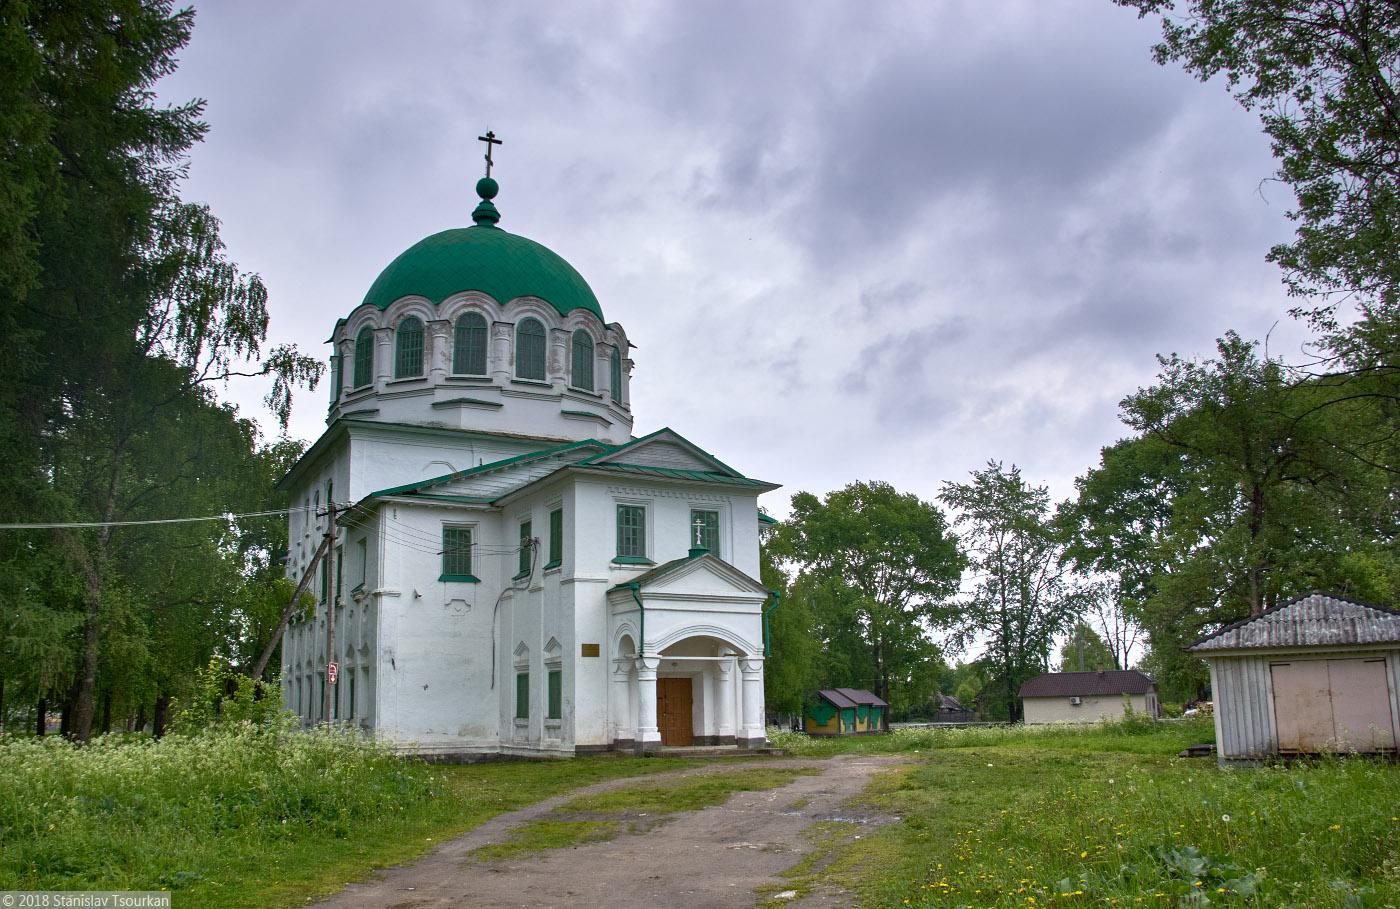 Каргополь, Архангельская область, Россия, Троицкая церковь